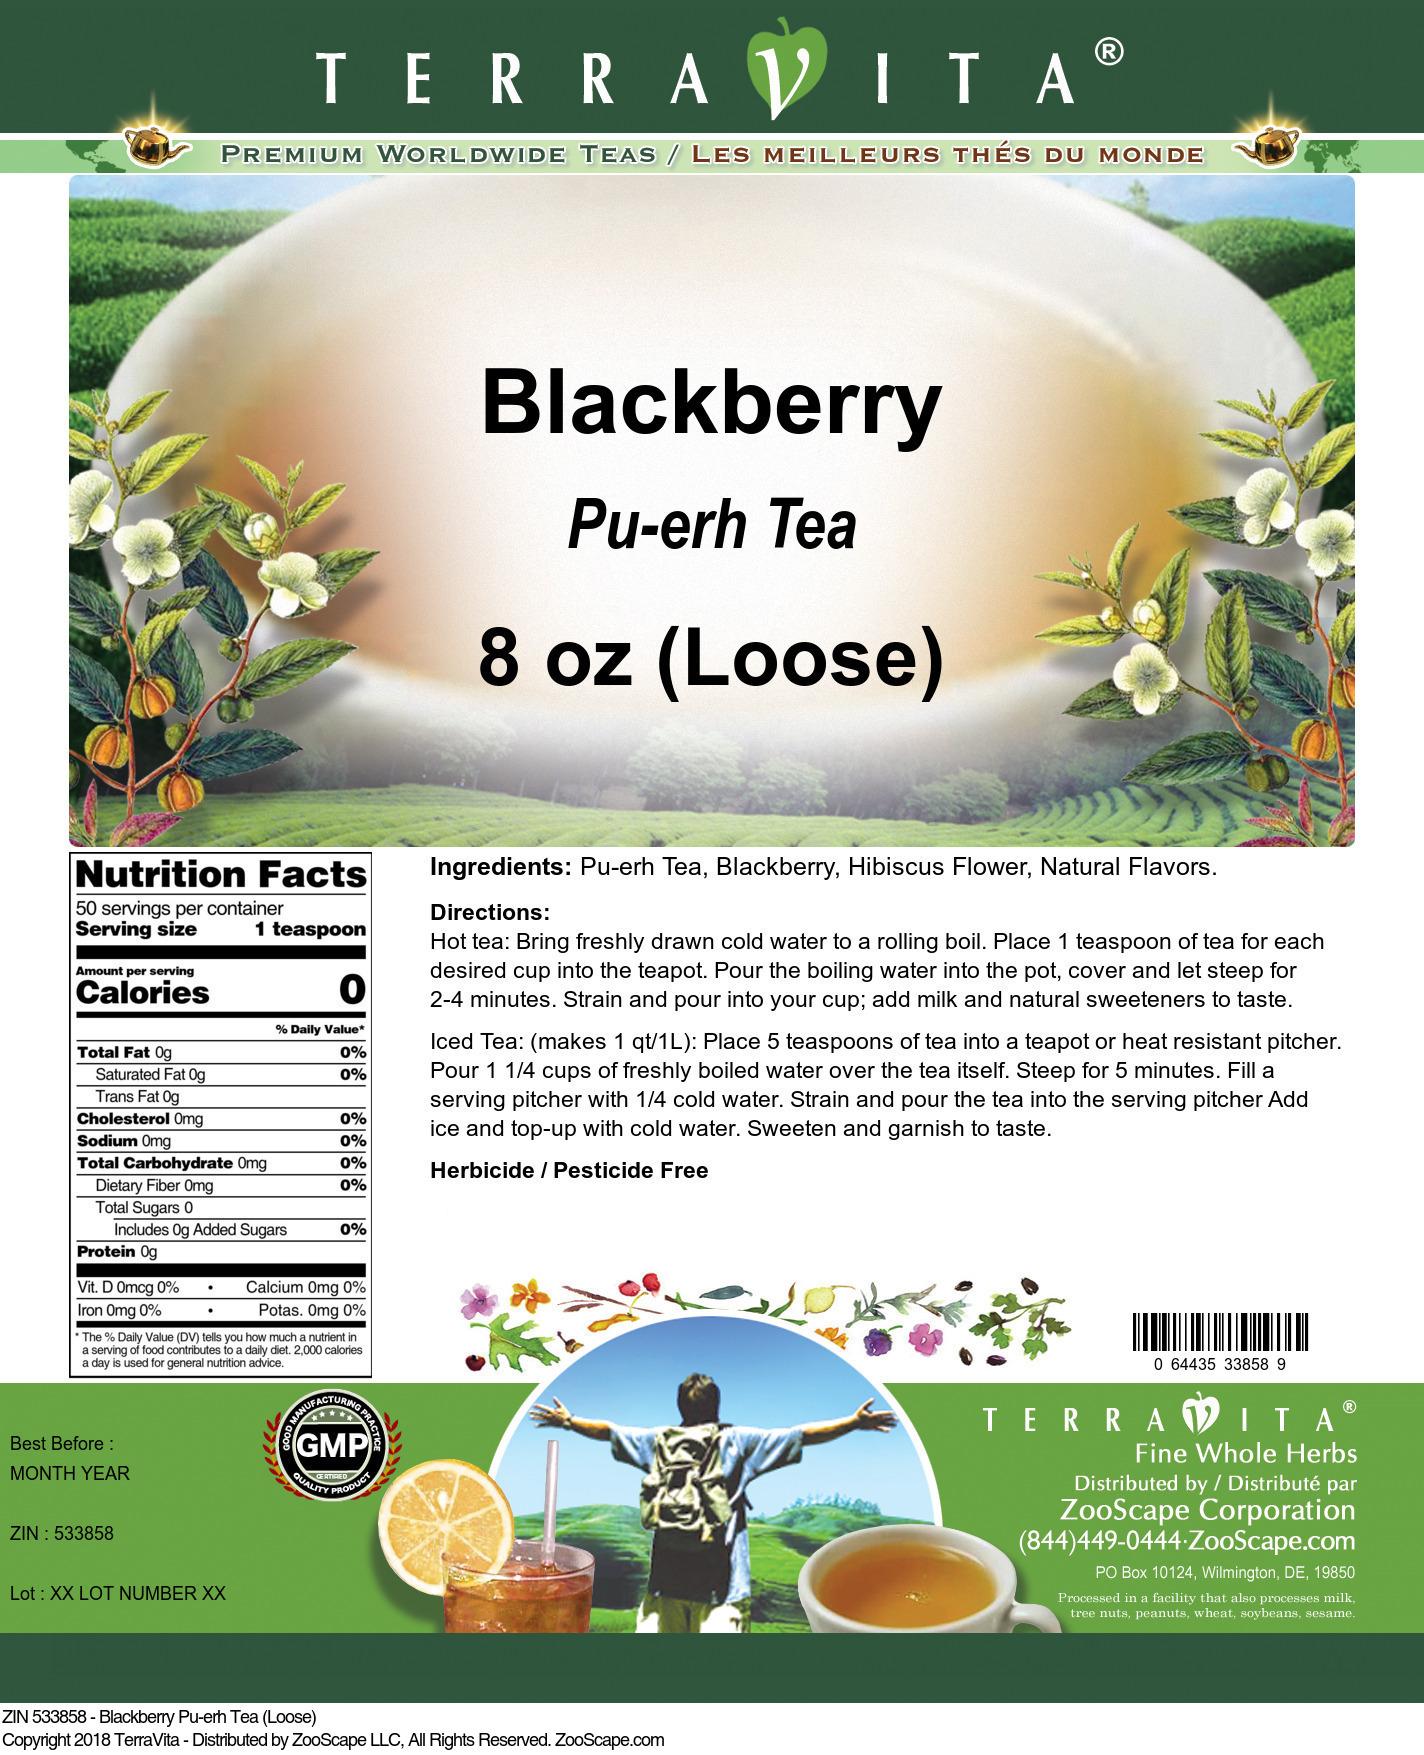 Blackberry Pu-erh Tea (Loose)